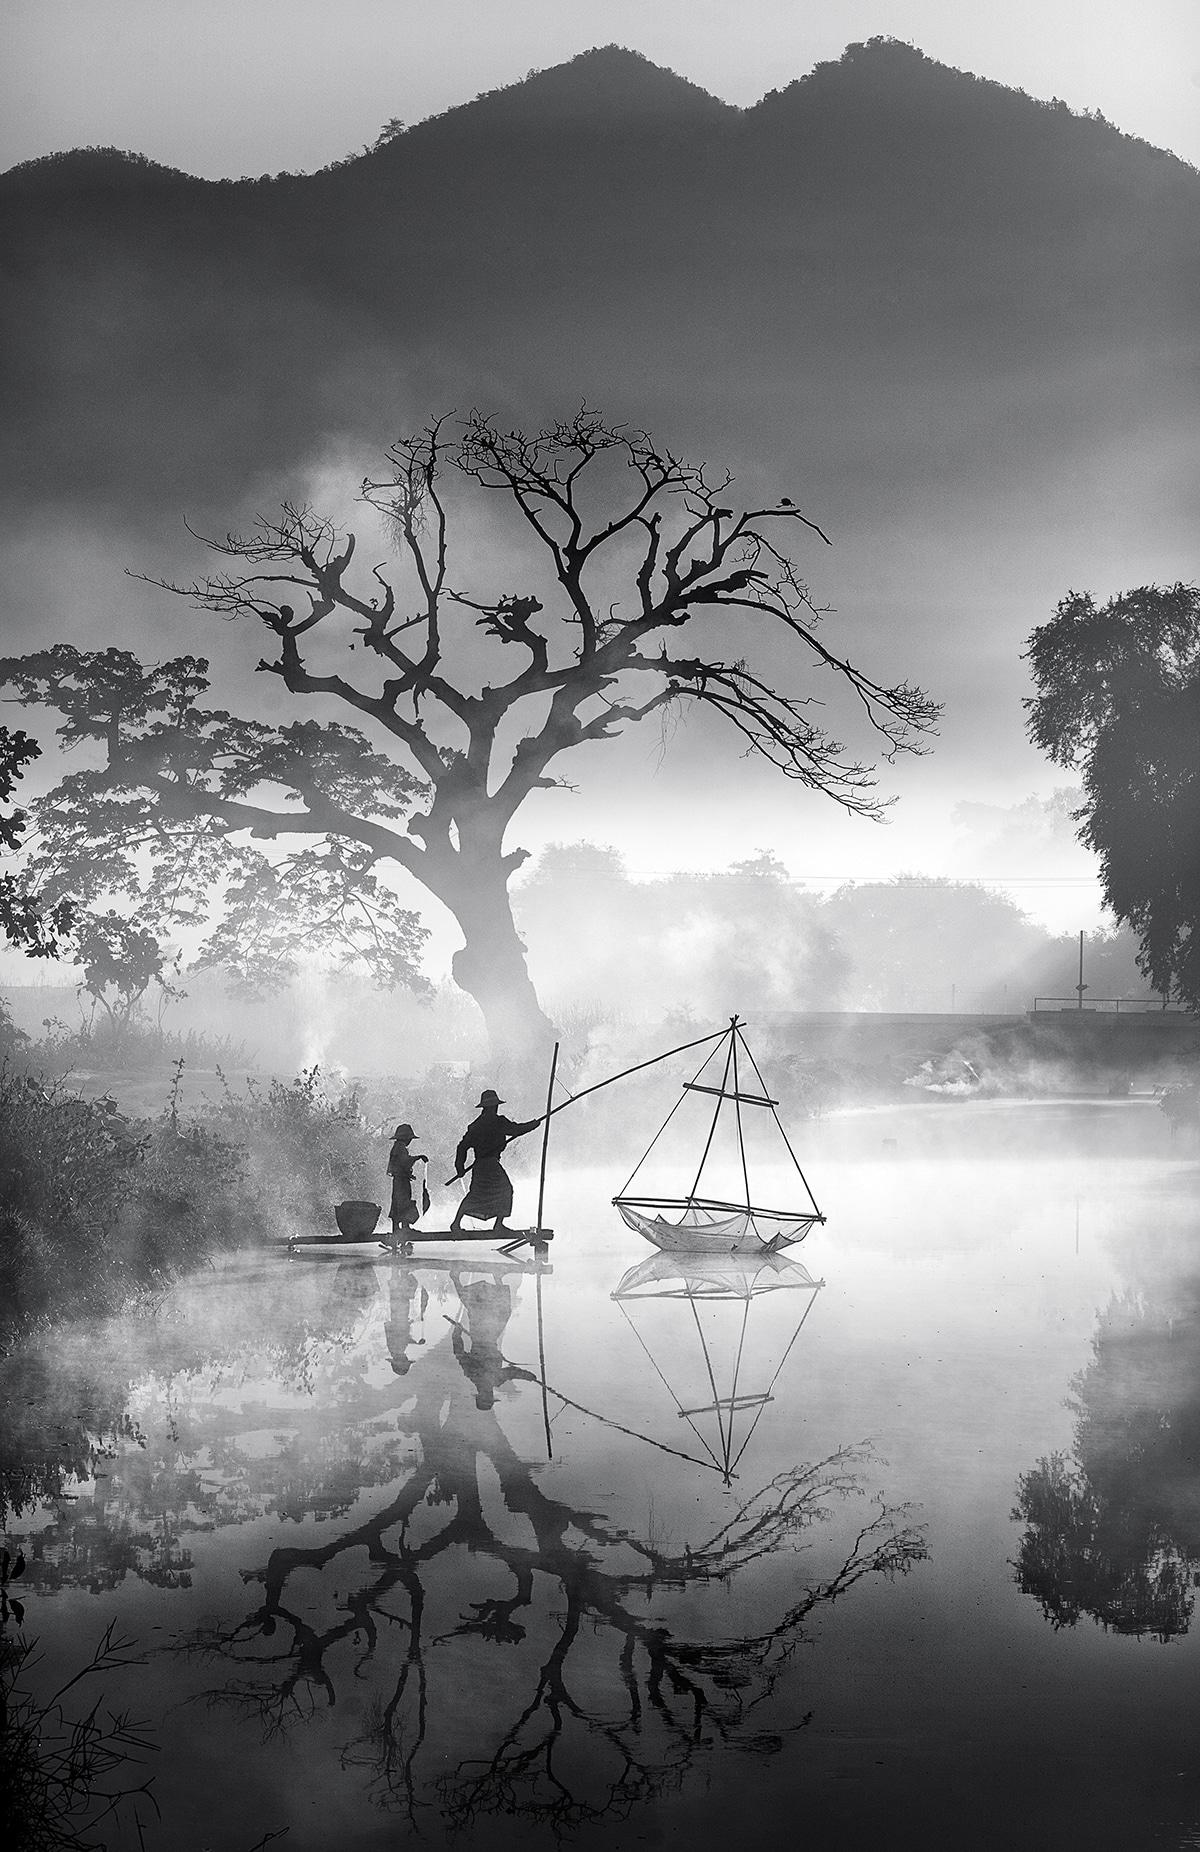 «Ψαρεύοντας στην Πρωινή Ομίχλη» ονομάζεται η φωτογραφία ενός πατέρα να ψαρεύει με τον υιό του ένα χειμωνιάτικο πρωϊνό στην Μιανμάρ όπου τα παιδιά κατά βάση βοηθούν τους γονείς τους στην καθημερινή προσπάθεια να βγάλουν τα προς το ζην